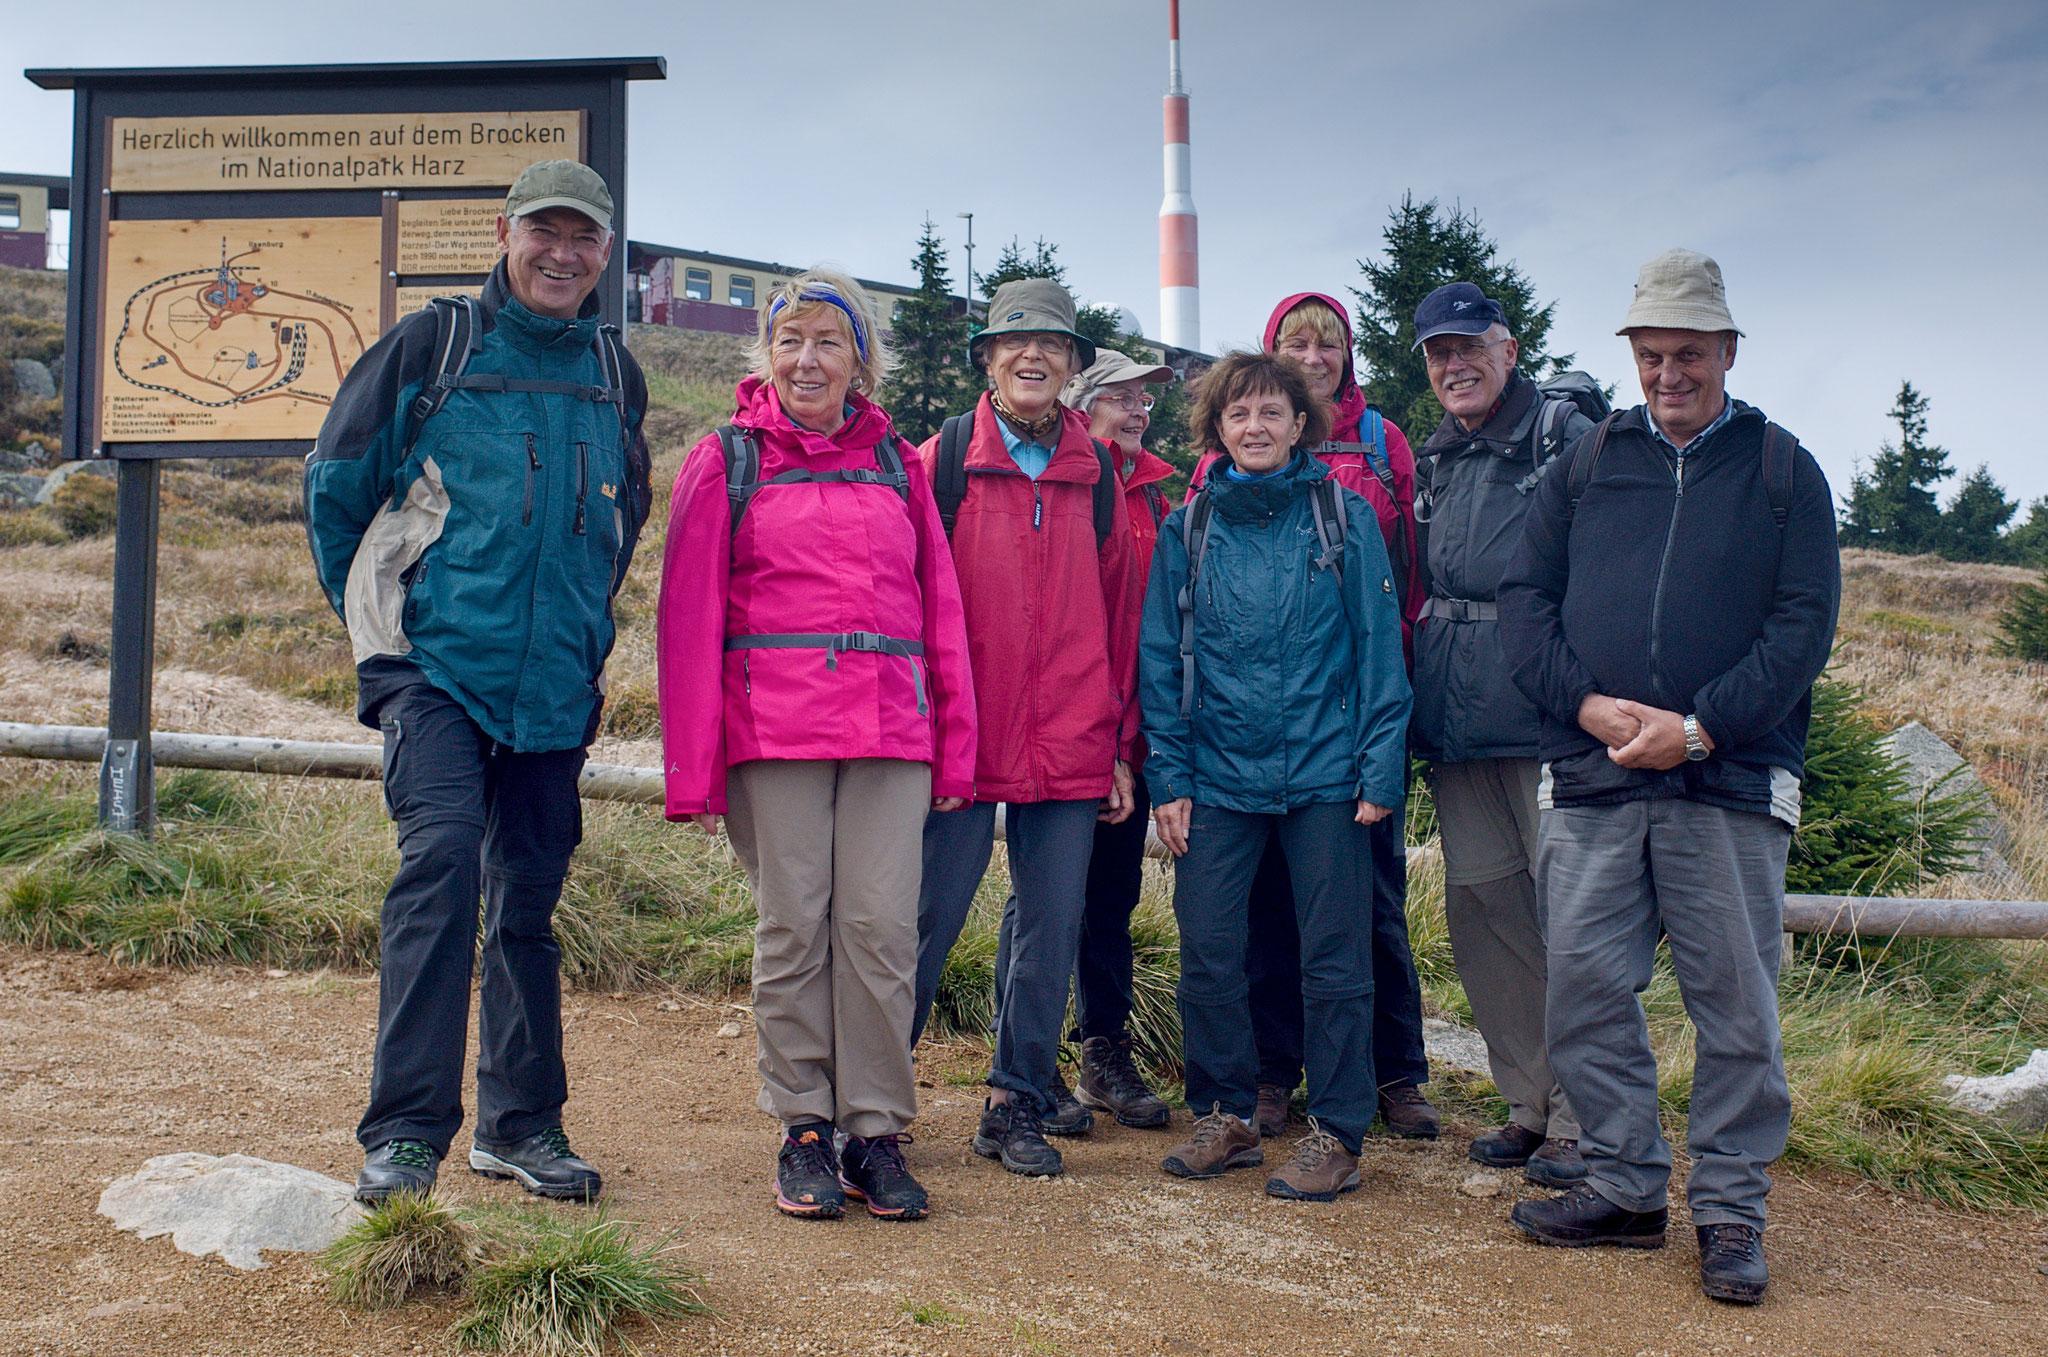 Harzüberquerung vom 24.09.-29.09.2017: Der Brocken, 1142 m